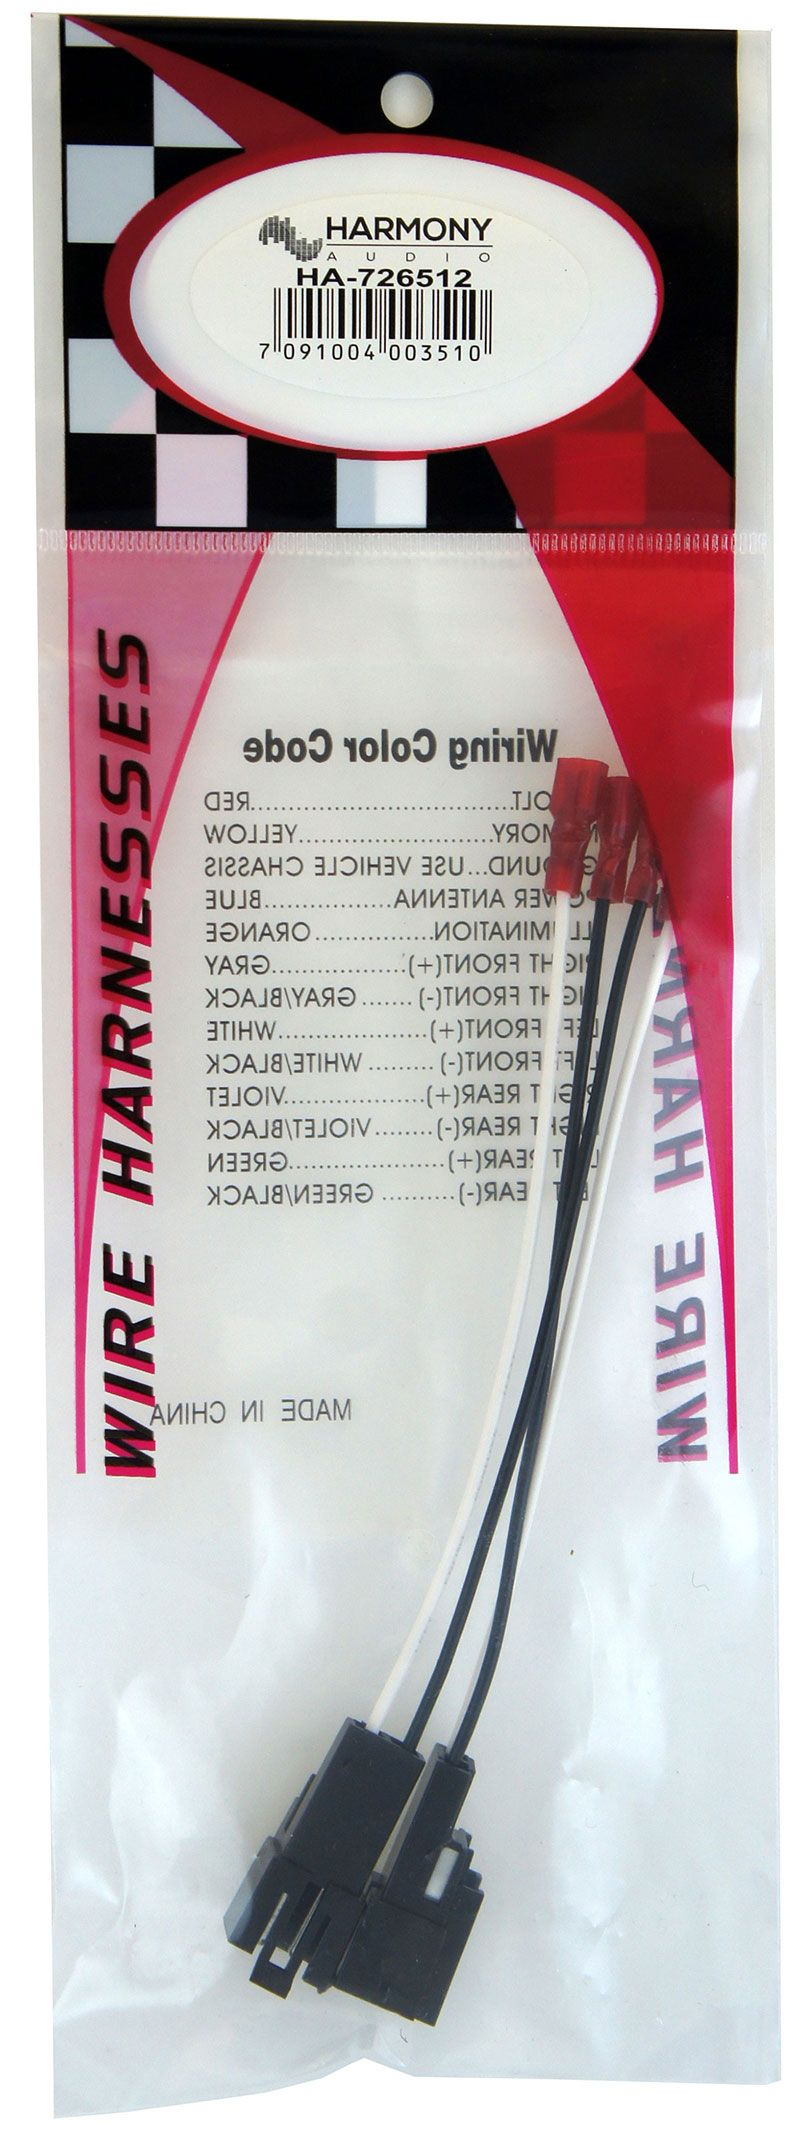 Wire Harnesses - HA 726512